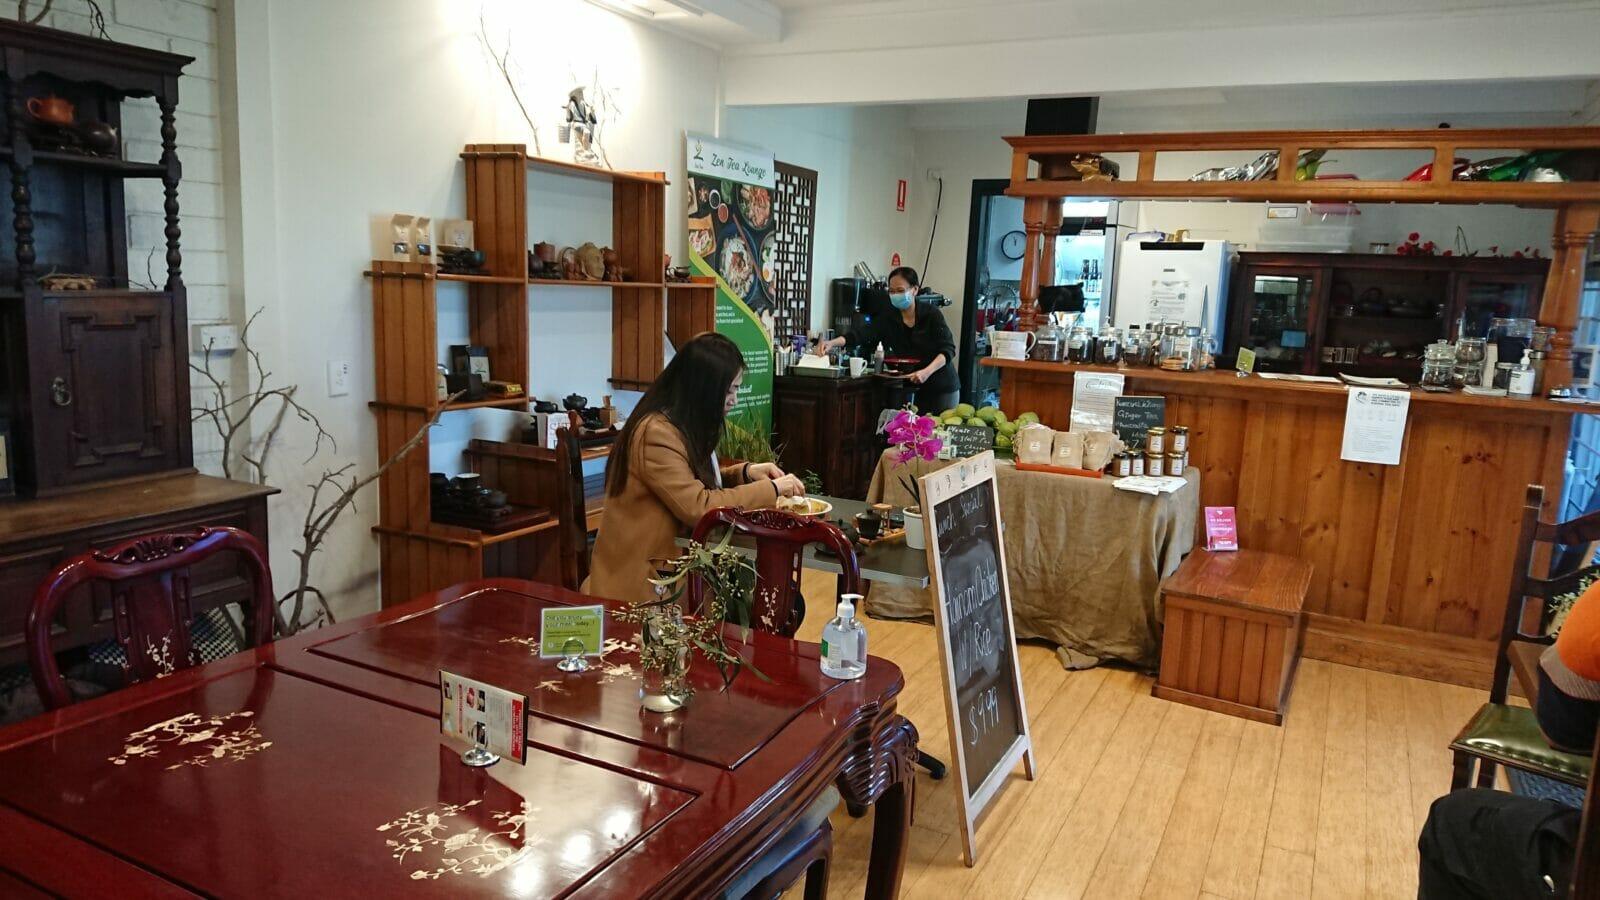 Volunteers and workers at Zen Tea Lounge